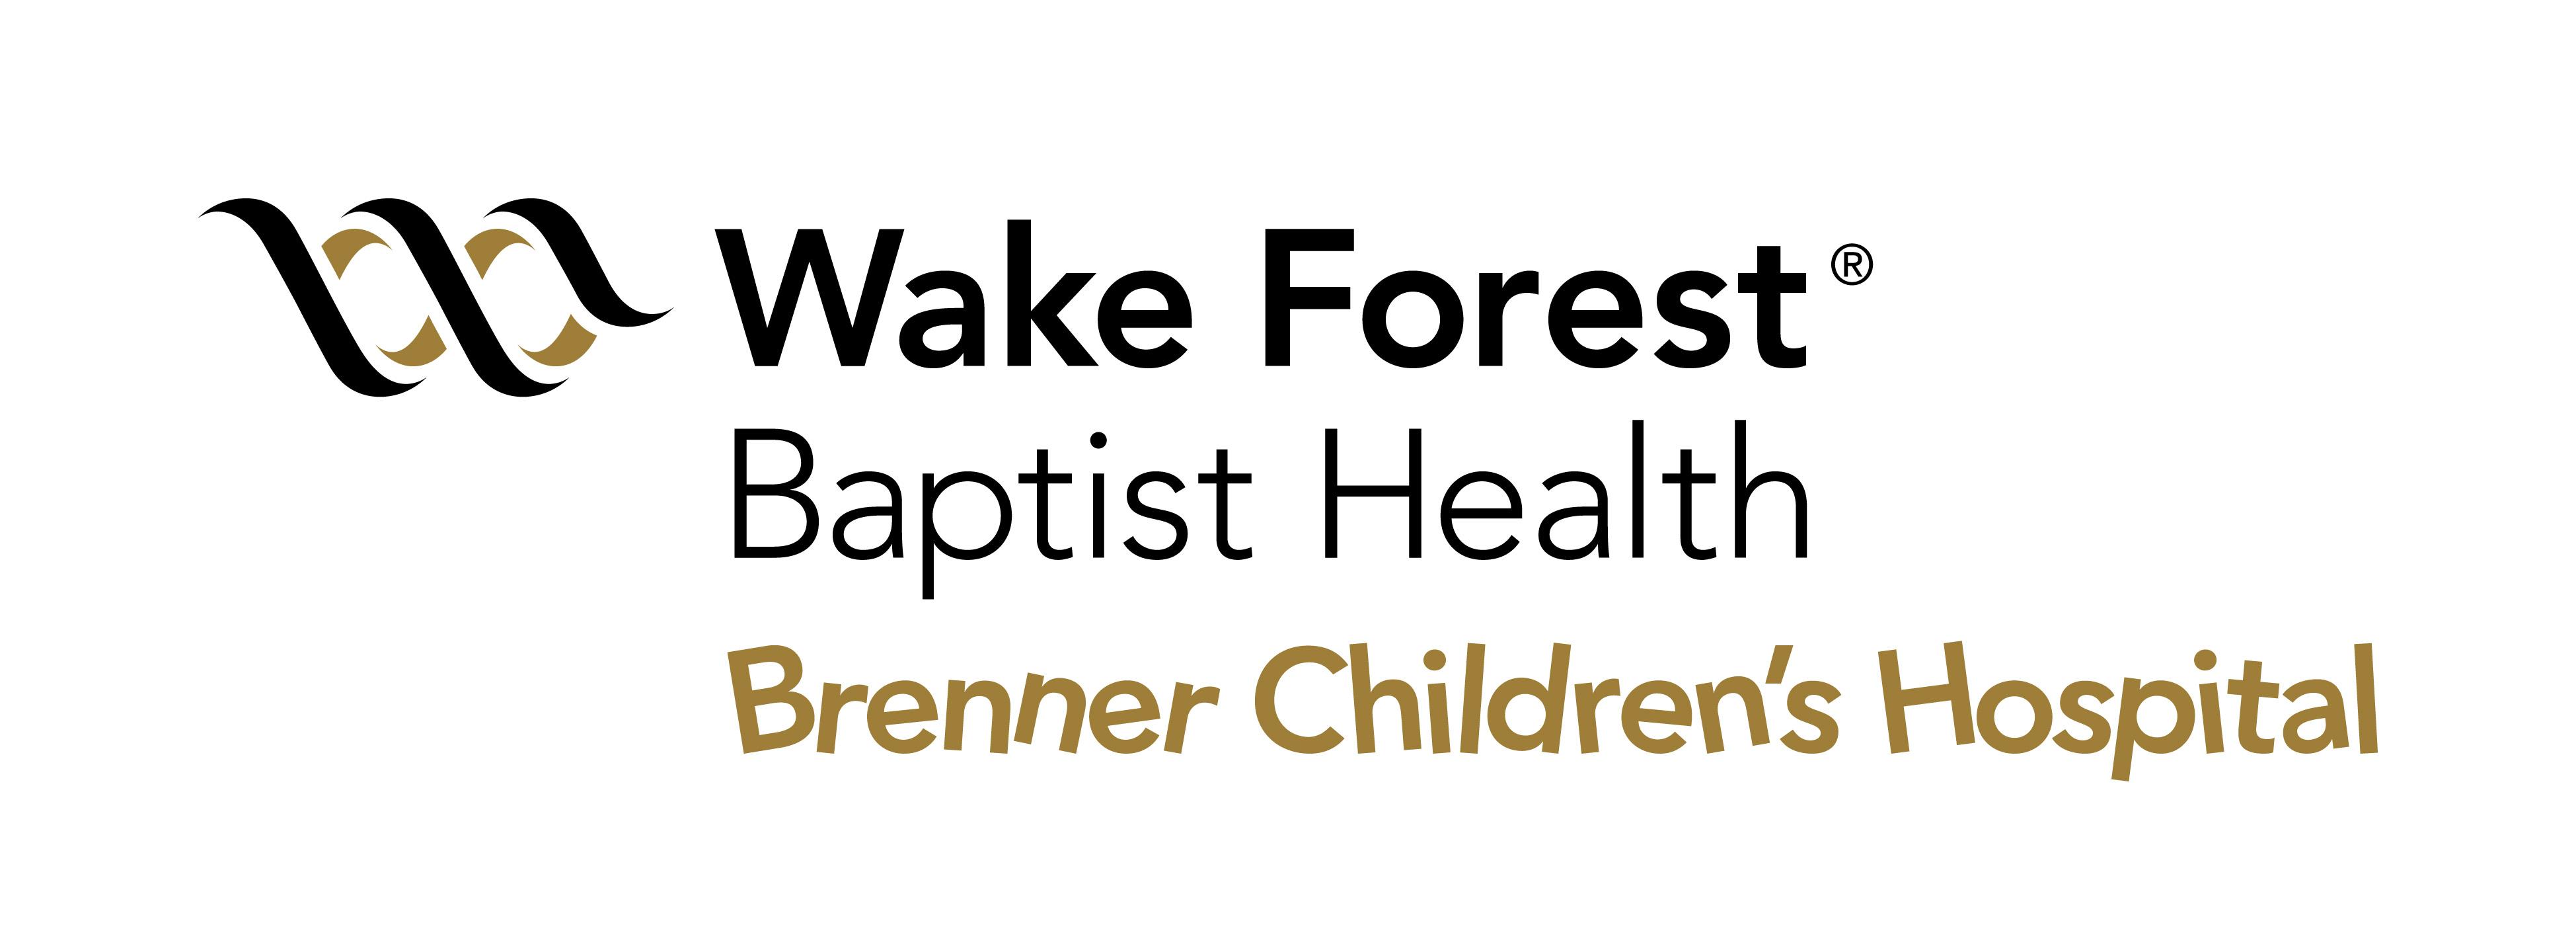 File:Wake Forest Baptist Health Brenner Children's Hospital